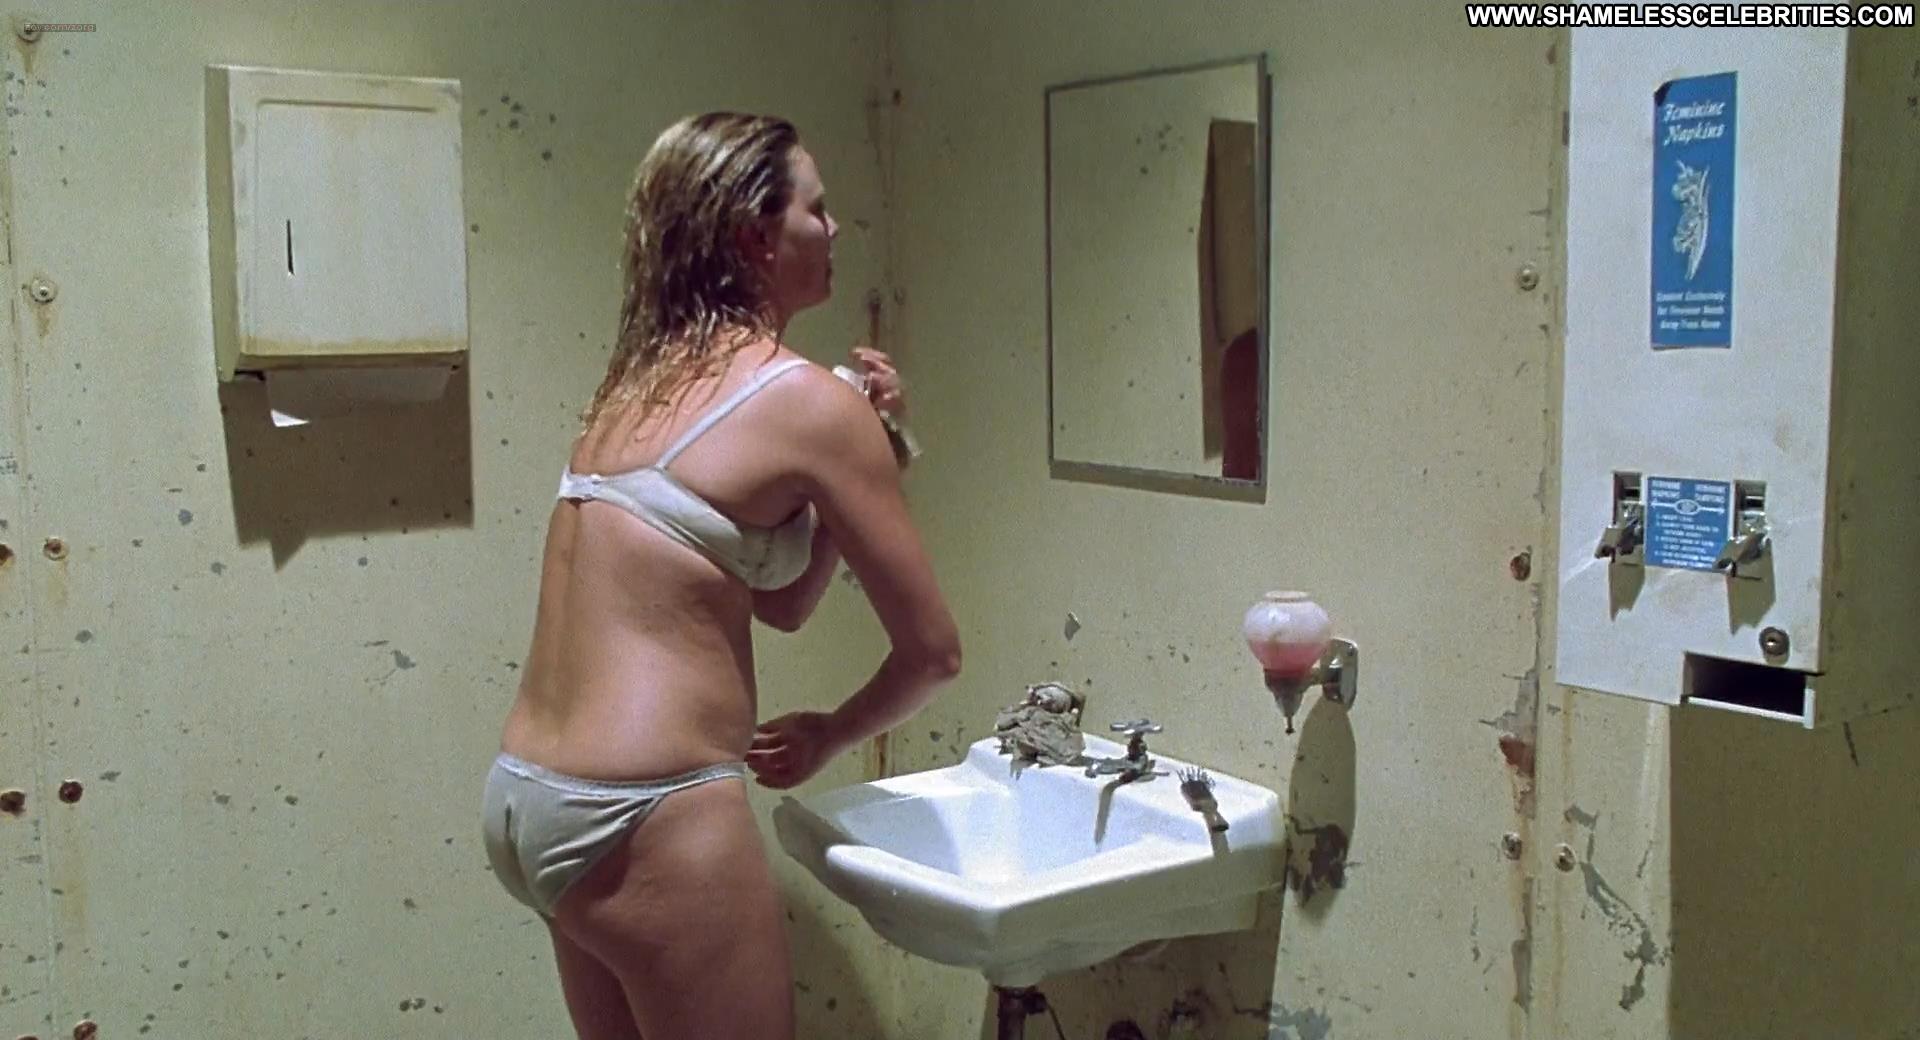 dildo in bathroom